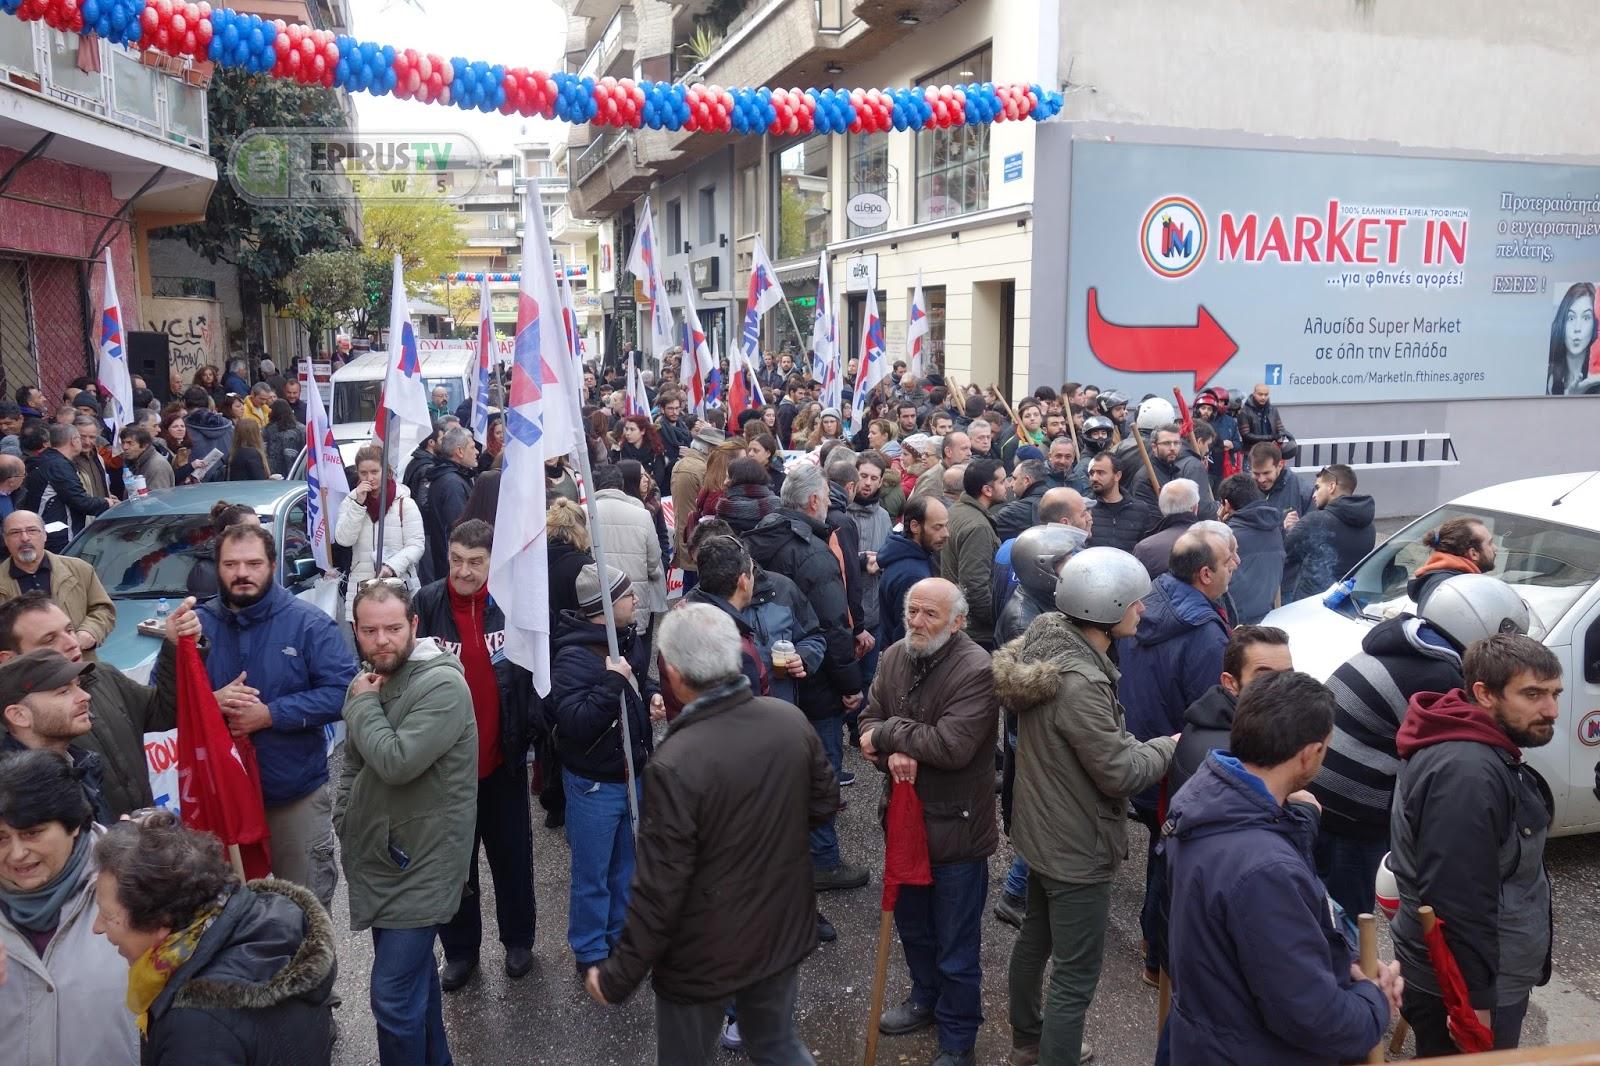 Καταγγελία της Ταξικής Πορείας   για την επίθεση τραμπούκων και φασιστών στην απεργιακή συγκέντρωση του εργατικού κέντρου έξω από το κατάστημα Market-In